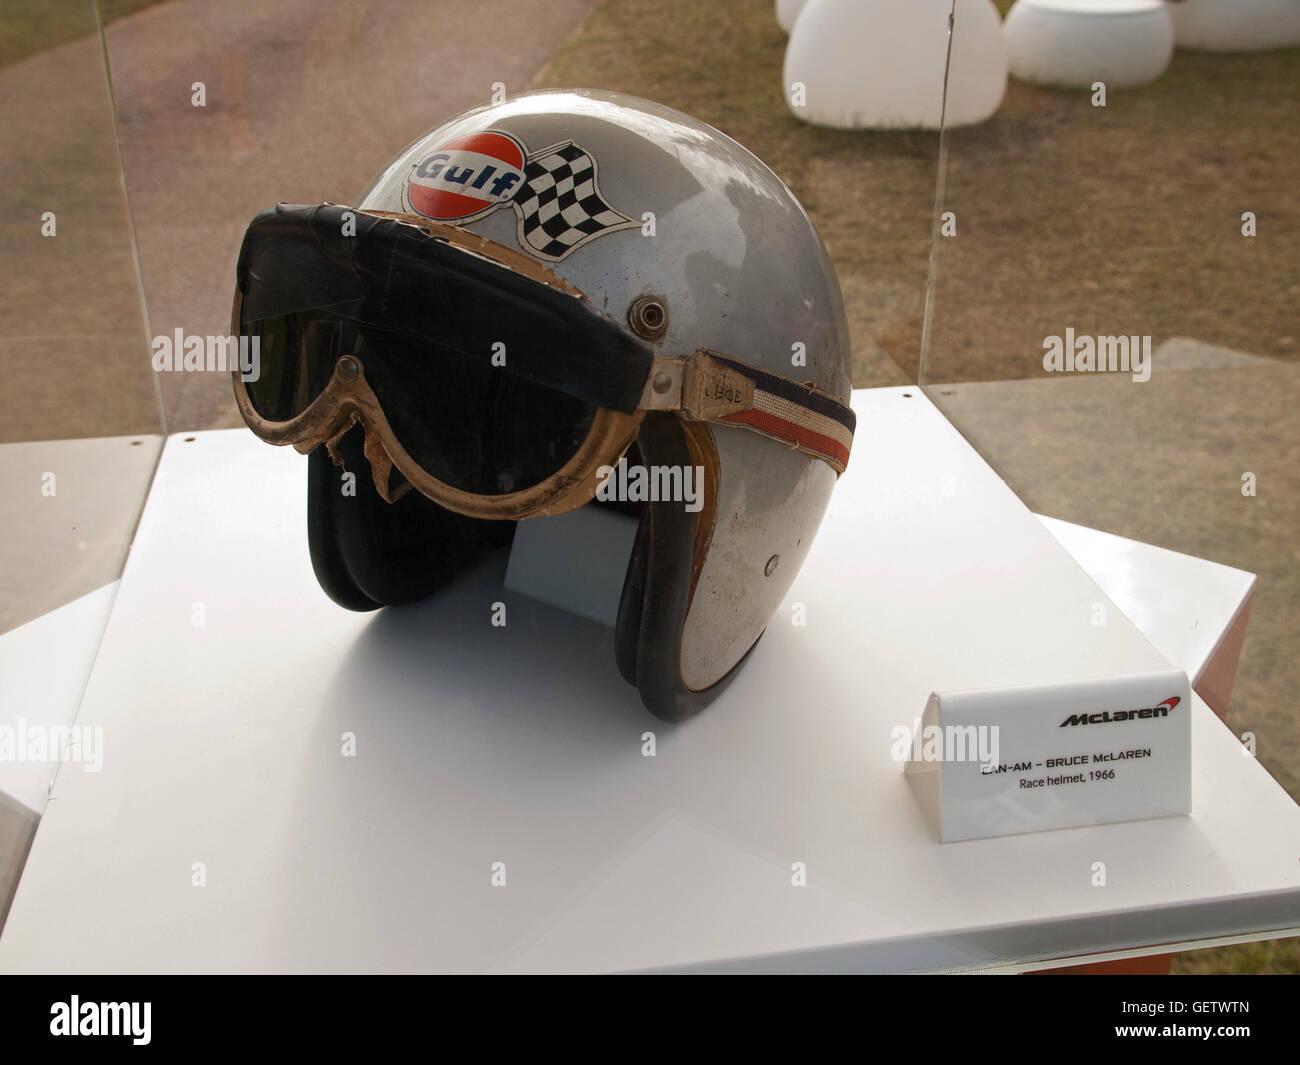 f091a83e 2016 Goodwood Festival of Speed UK - CAN-AM Bruce McLaren race helmet 1966 -